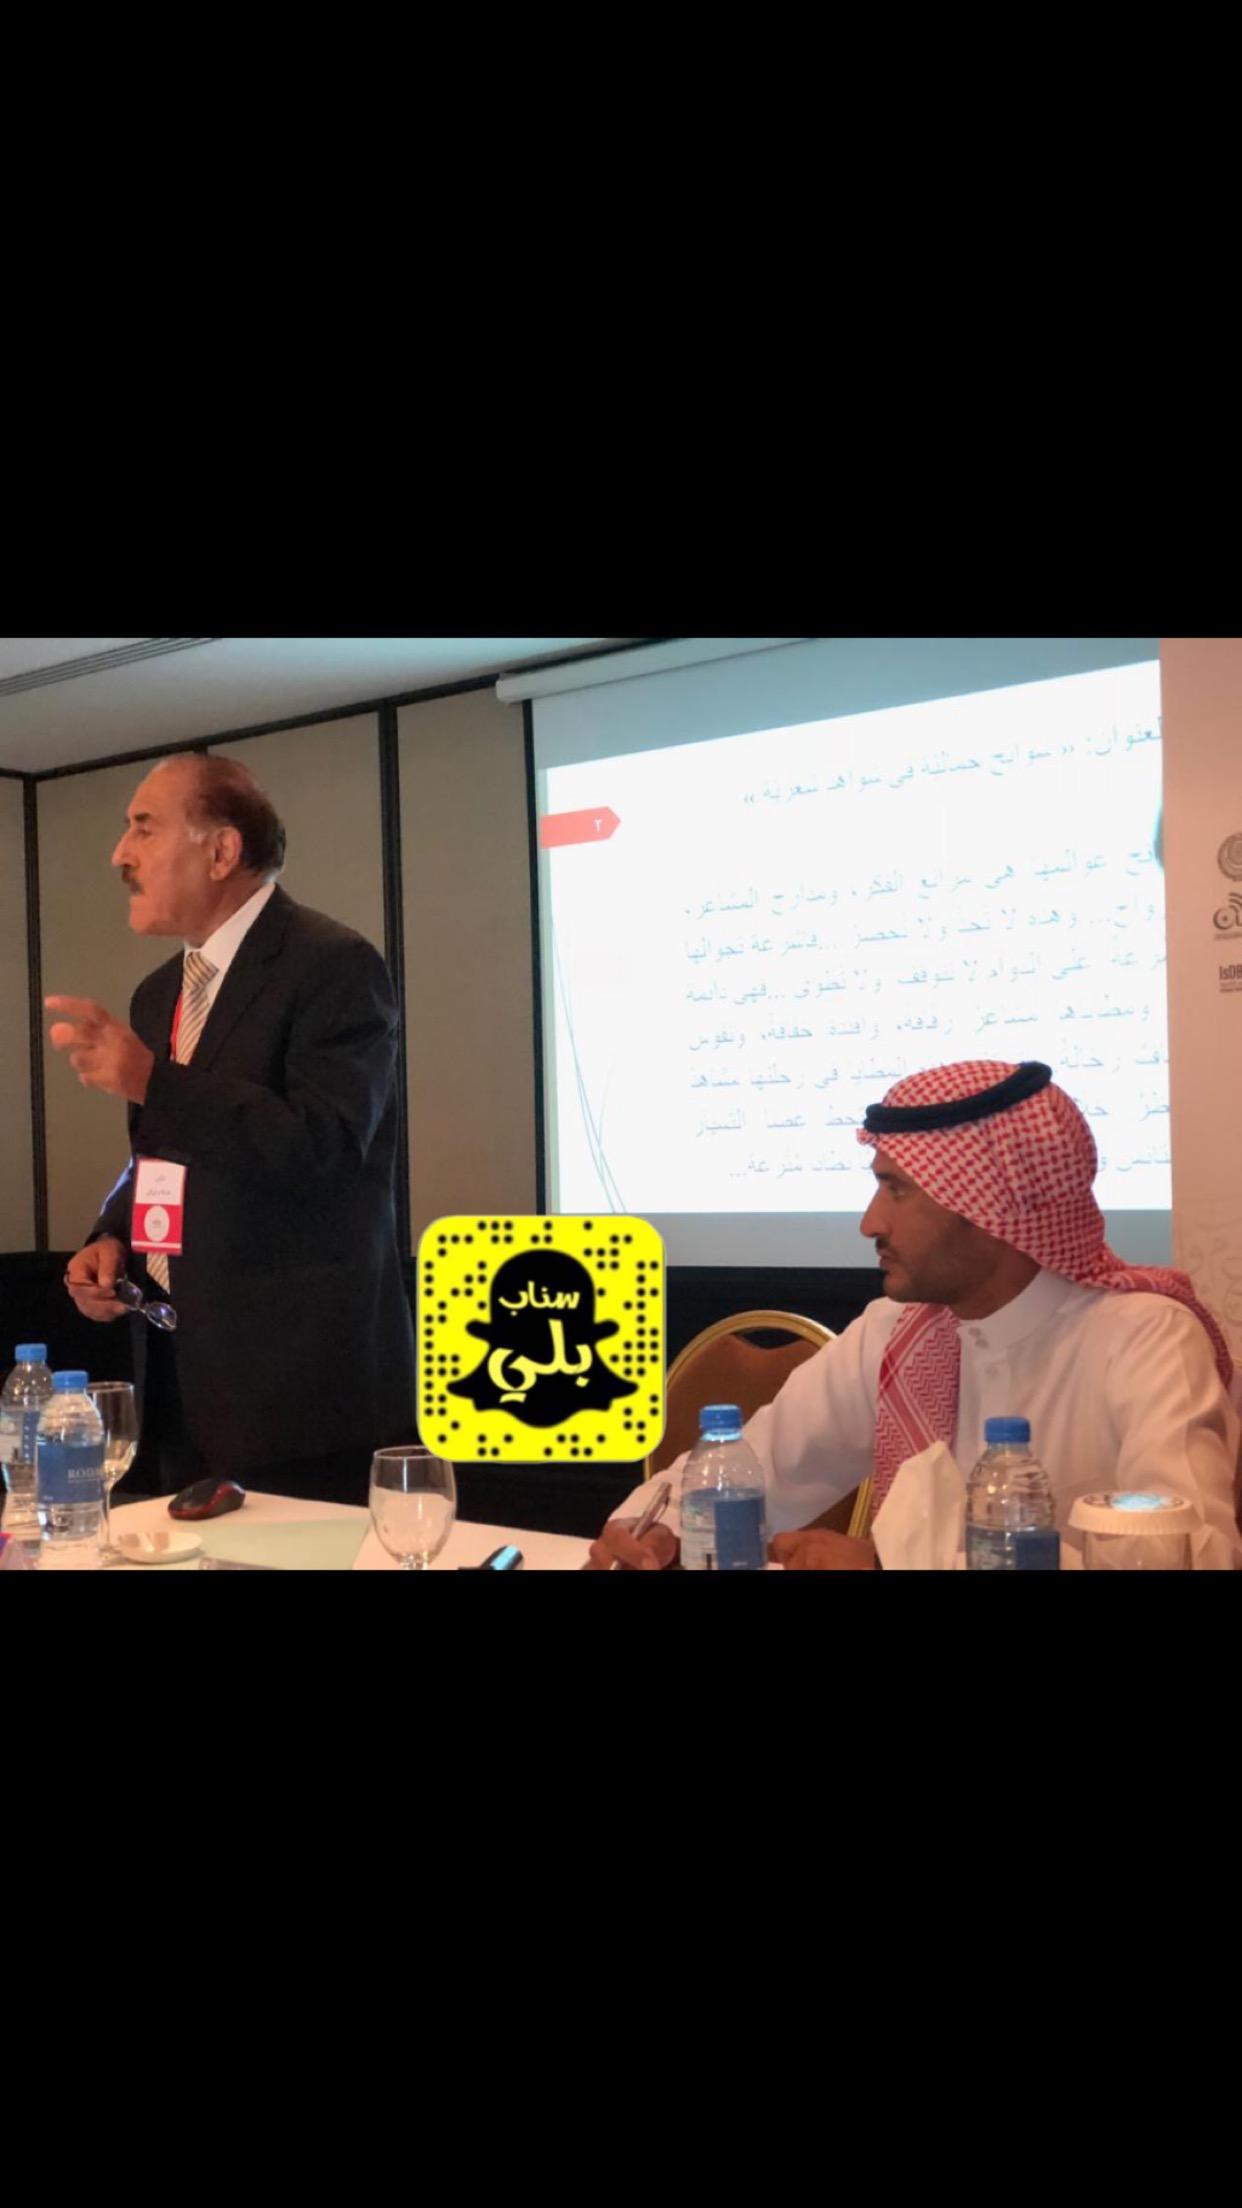 الدكتور / سلمان سعود البلوي يمثل جامعة فهد بن سلطان في المؤتمر الدولي الثامن للغة العربية في الإمارات العربية المتحدة C24BE1FB 2919 4359 B372 75D4FE32ACCF